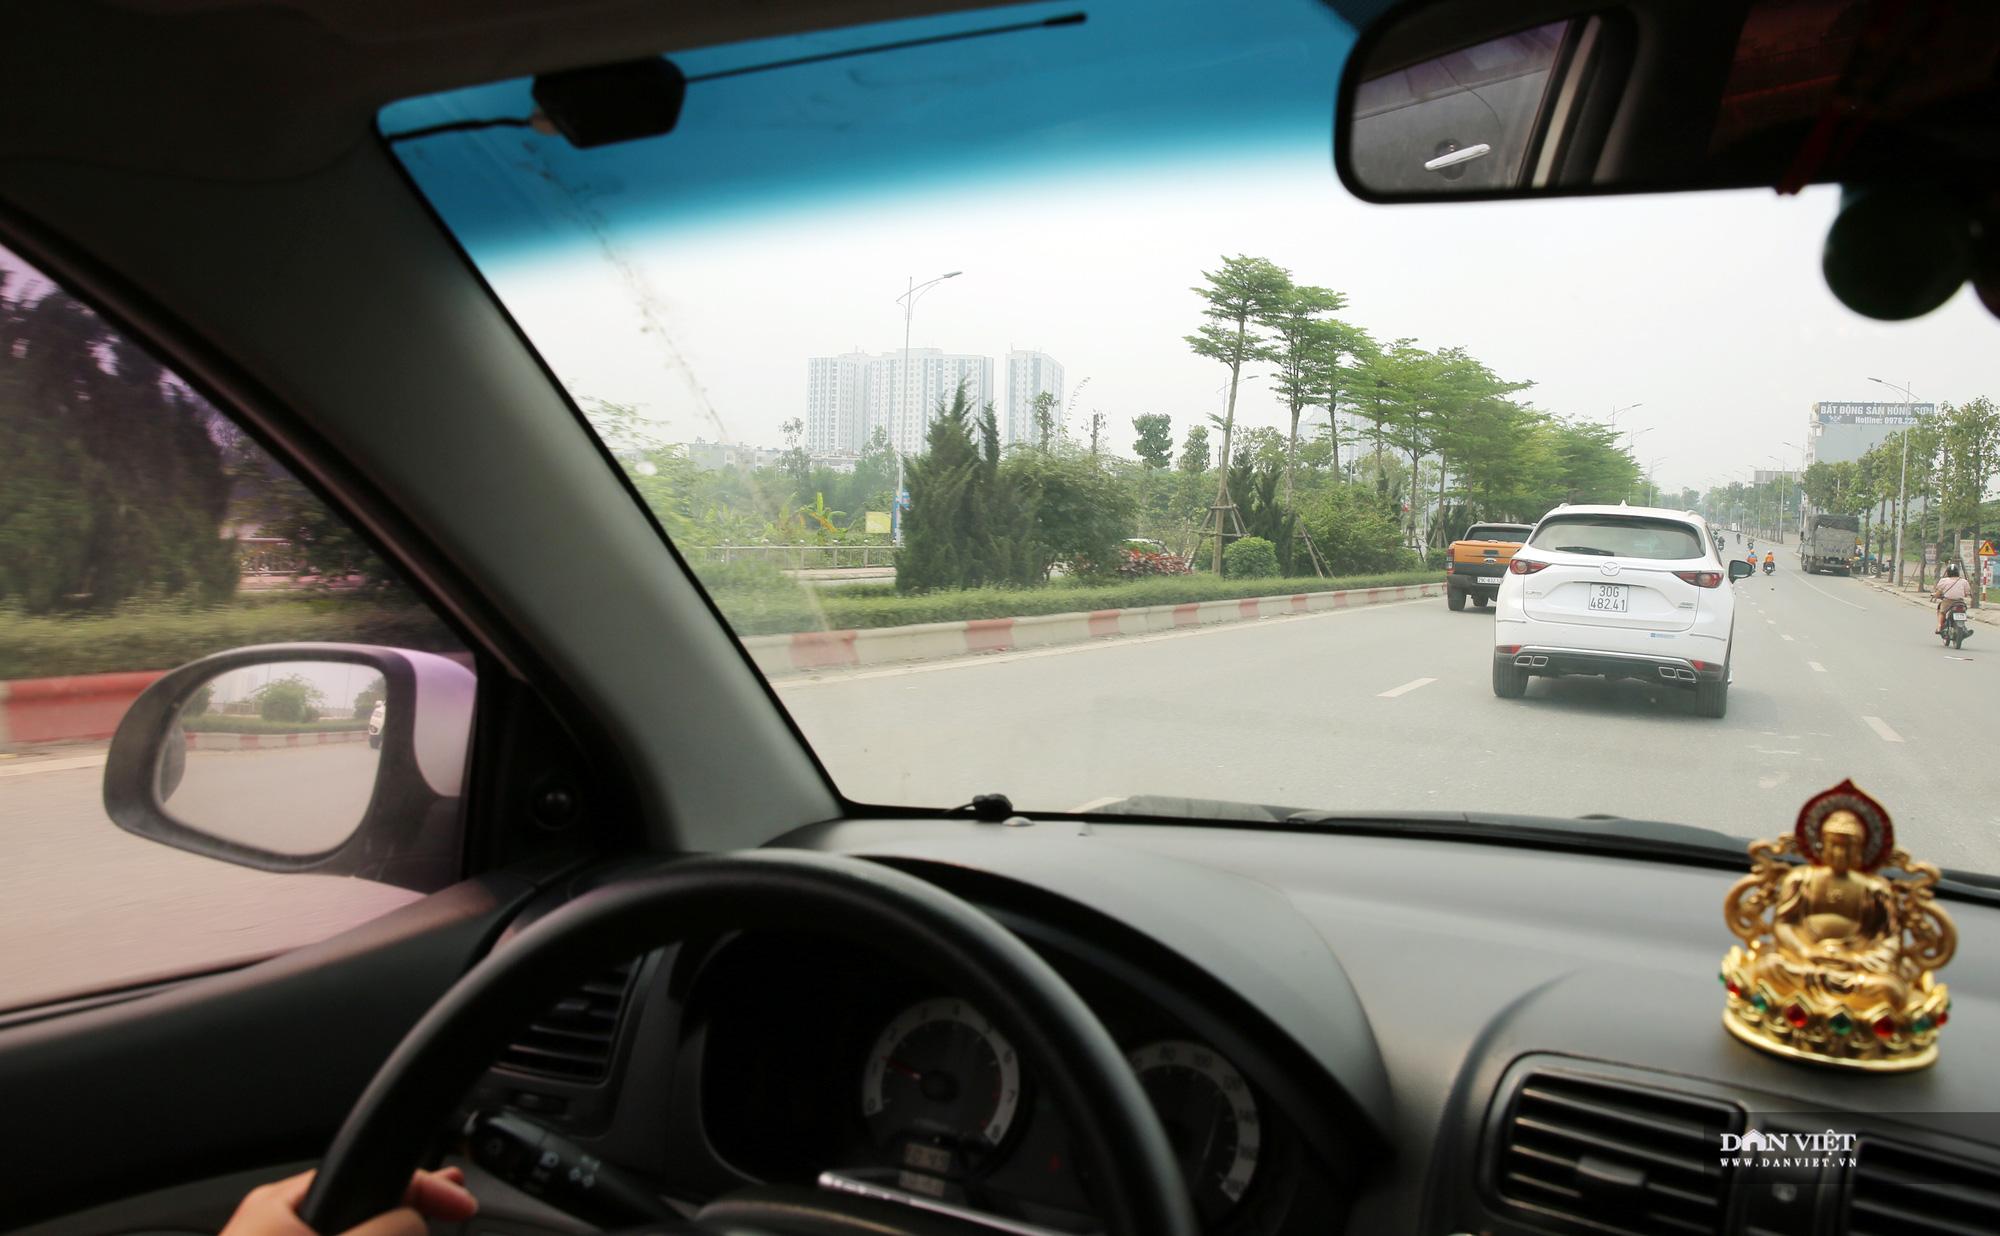 Trải nghiệm tuyến đường 7.500 tỷ đồng xuyên qua 4 quận, huyện Hà Nội - Ảnh 5.